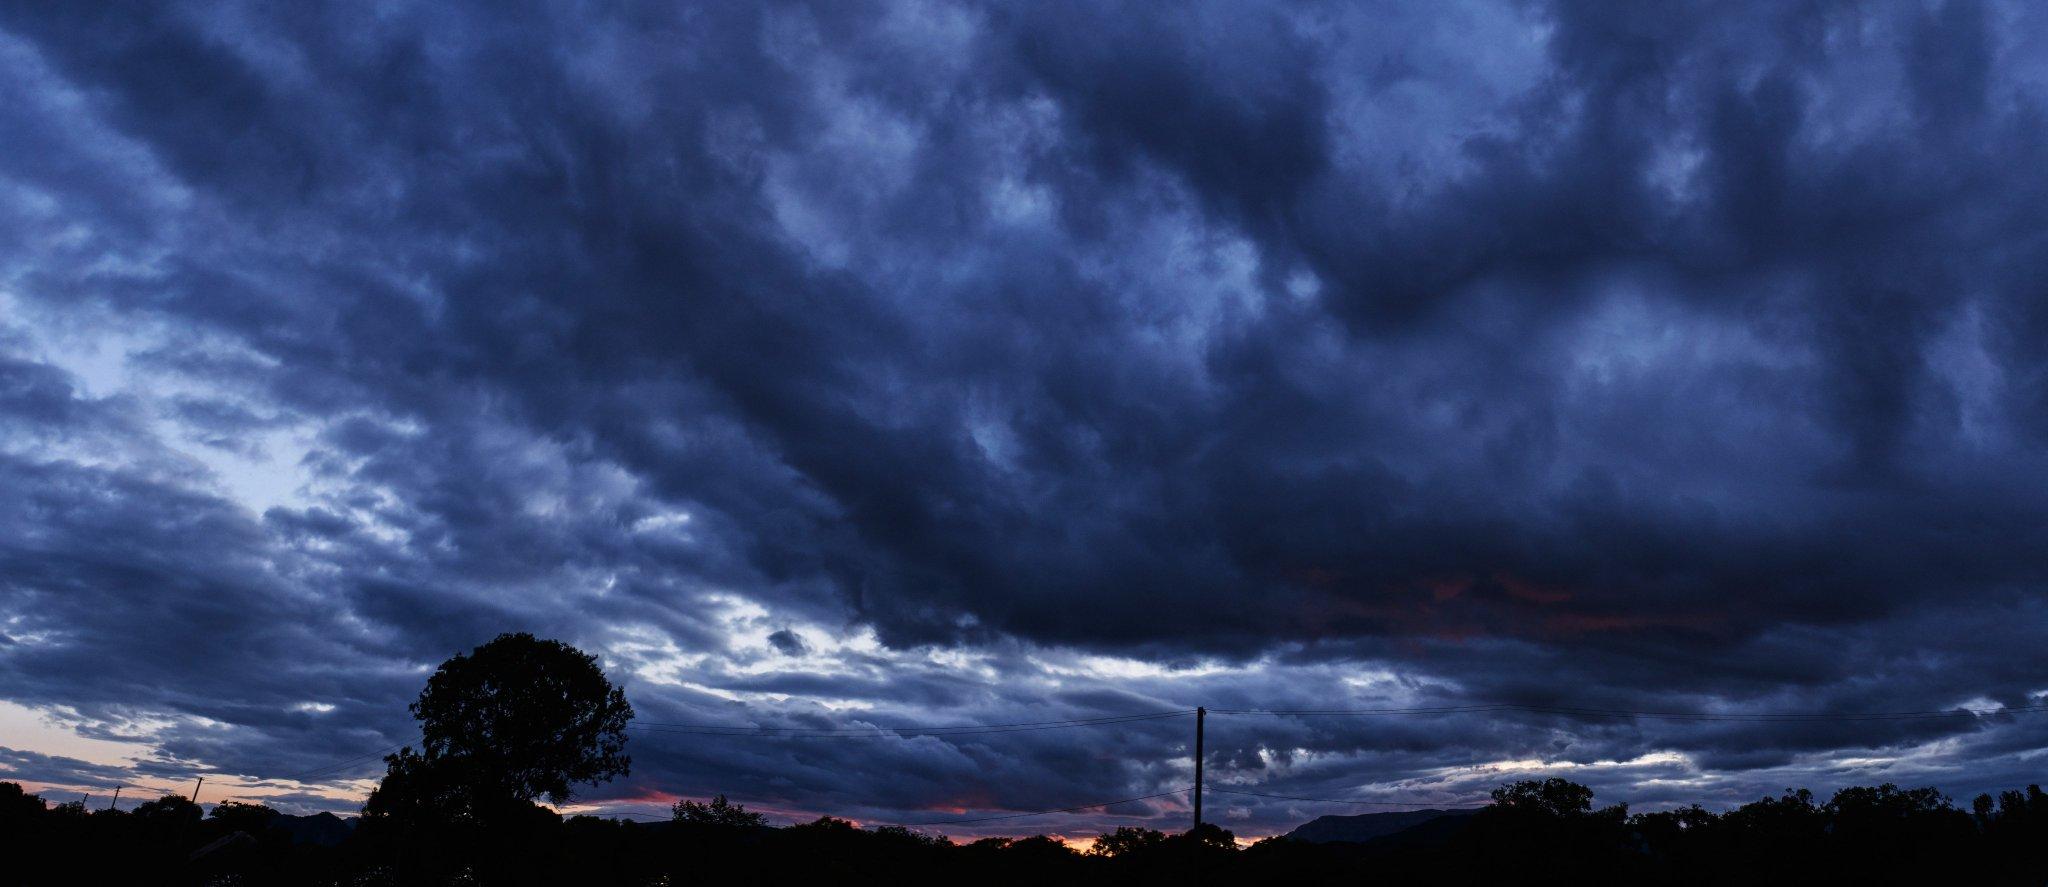 Ещё одни мрачные облака из подборки. Шикарный закат!